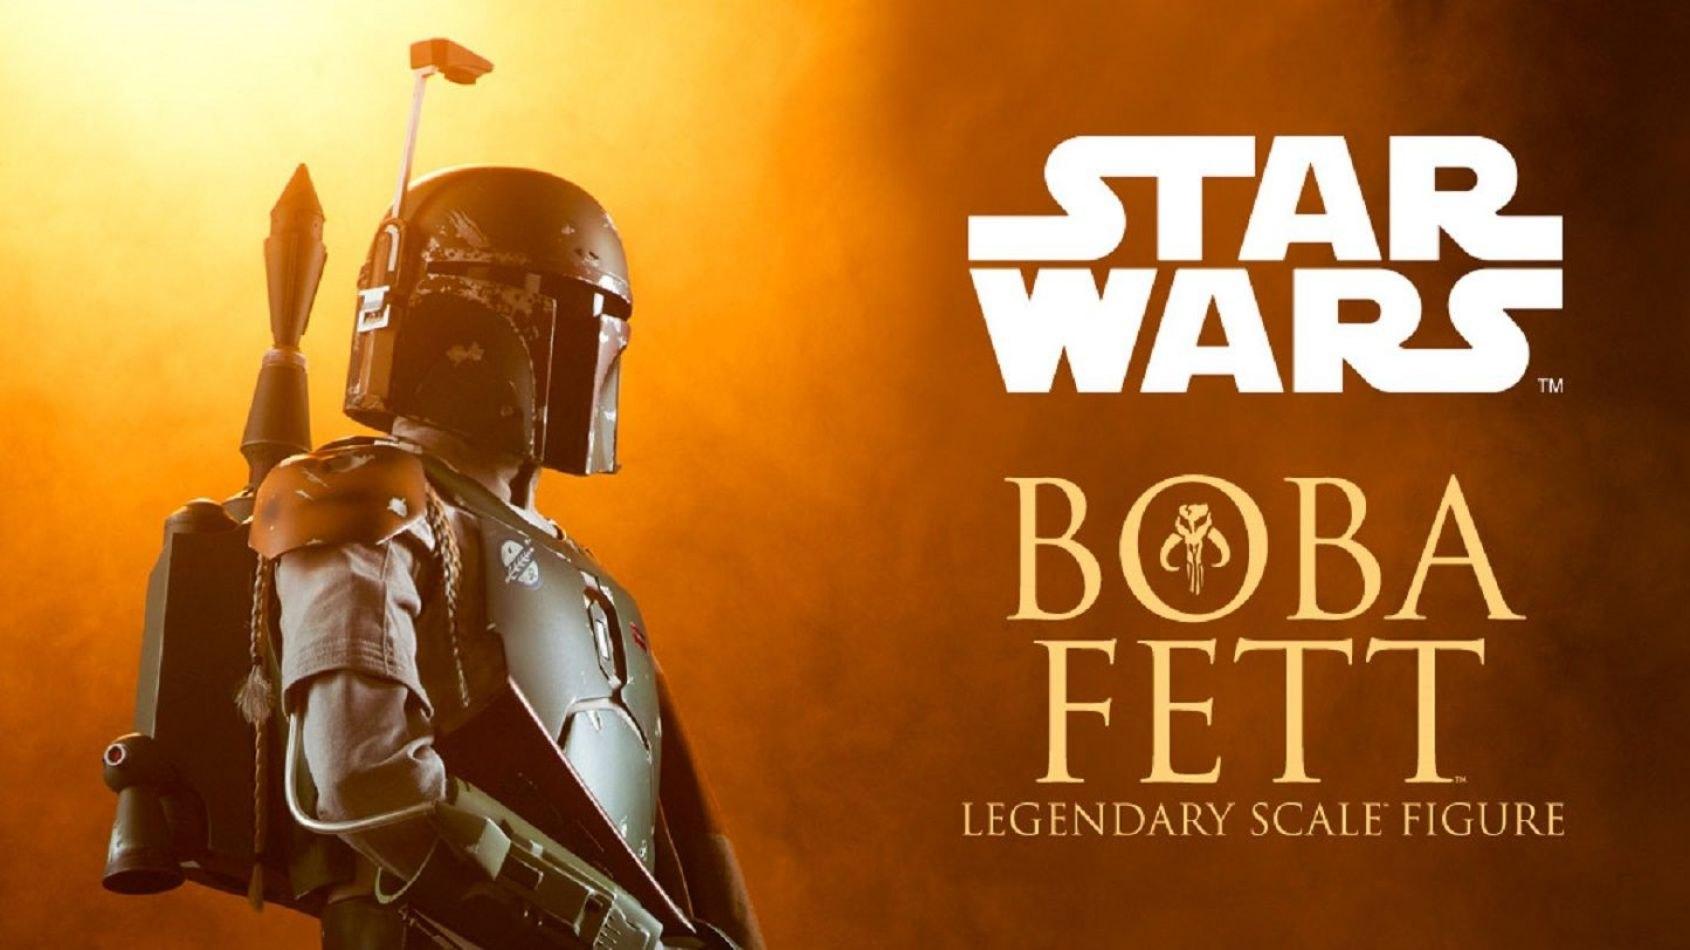 Sideshow : Une figurine de Boba Fett dans la gamme Legendary Scale